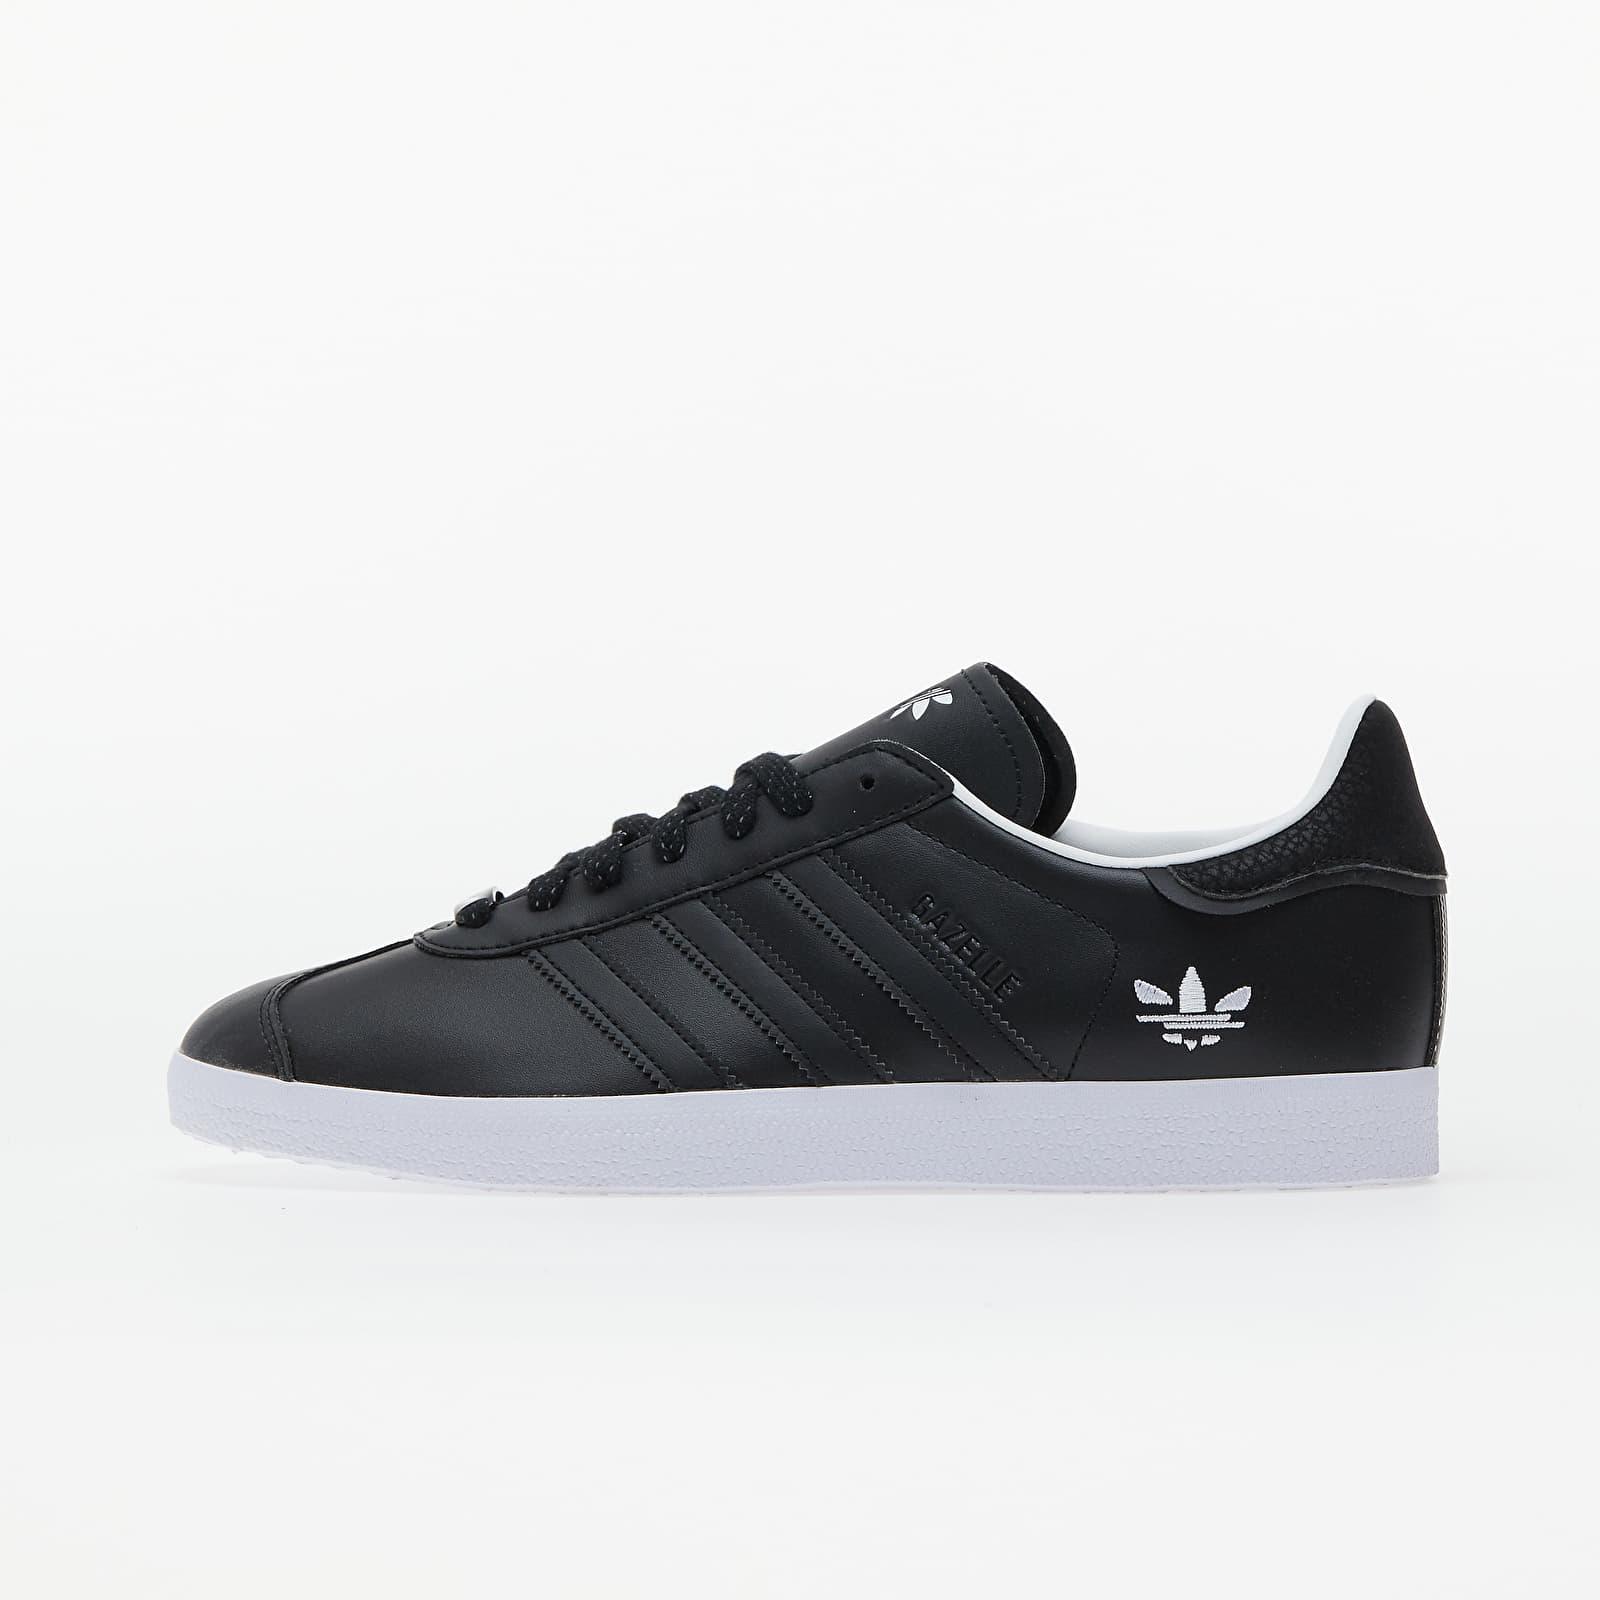 adidas Gazelle Core Black/ Ftw White/ Blue Bird EUR 44 2/3